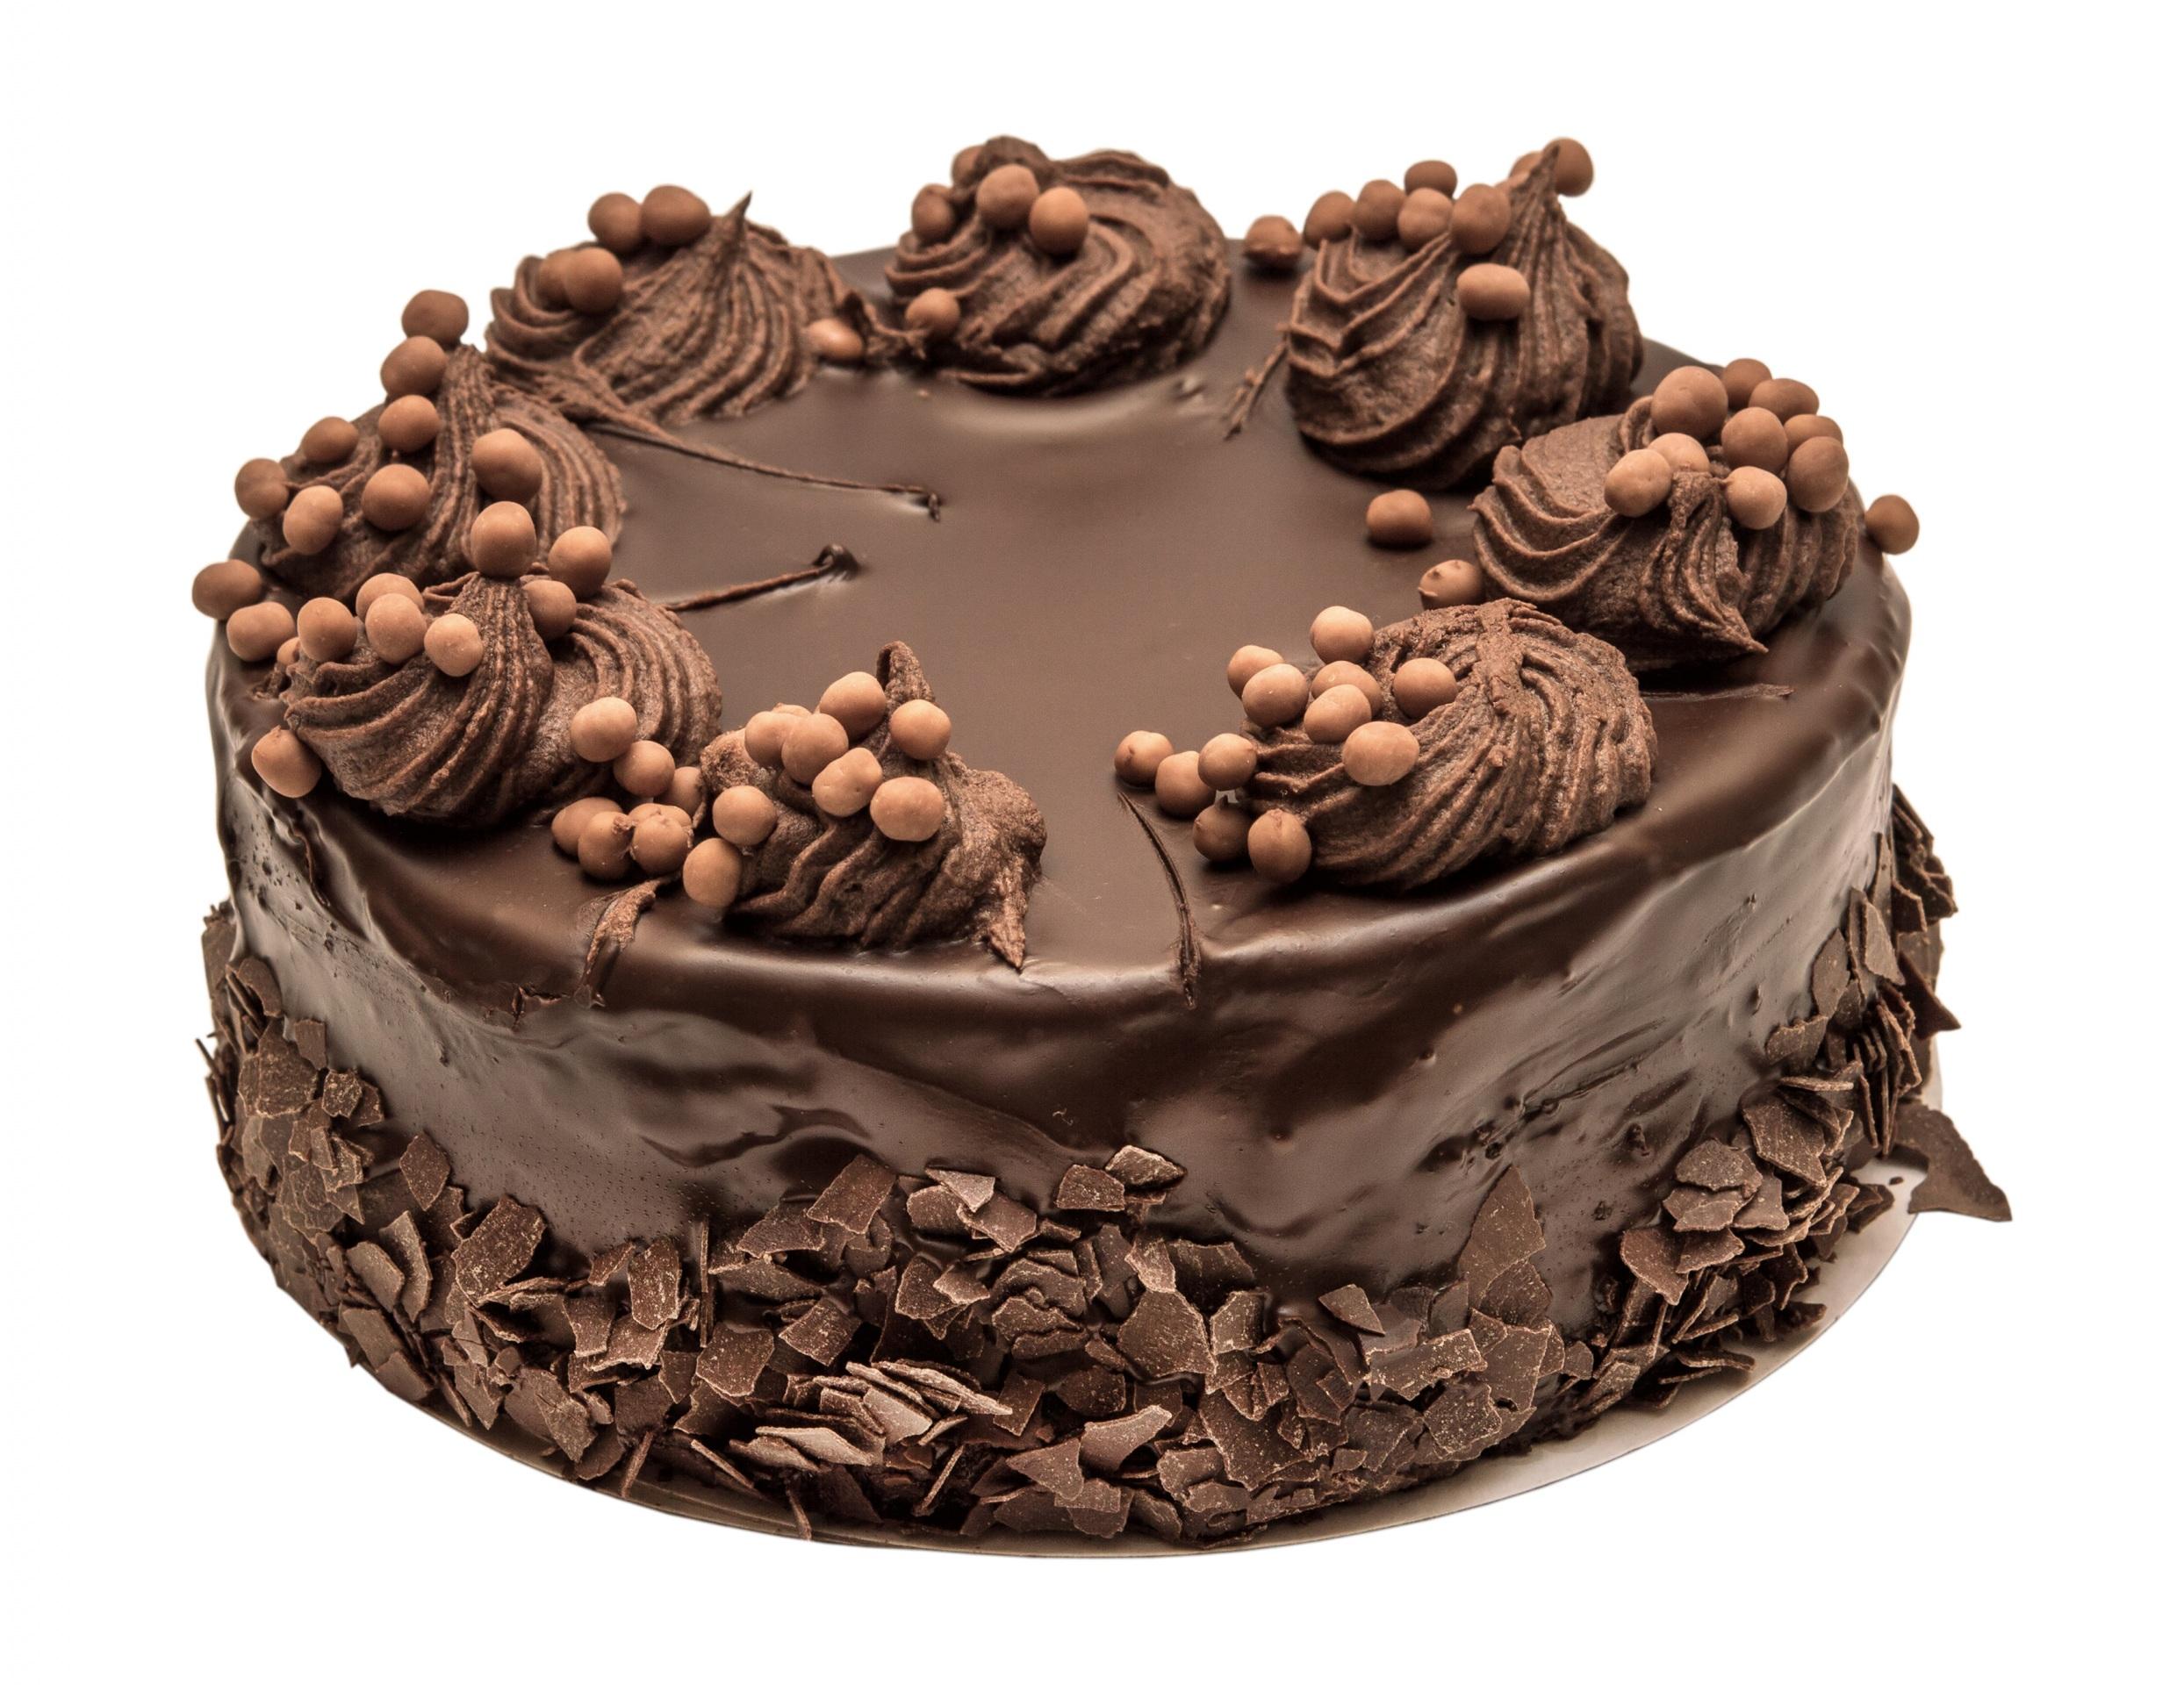 Обои для рабочего стола Шоколад Торты Продукты питания Белый фон сладкая еда Дизайн 2488x1920 Еда Пища Сладости белом фоне белым фоном дизайна